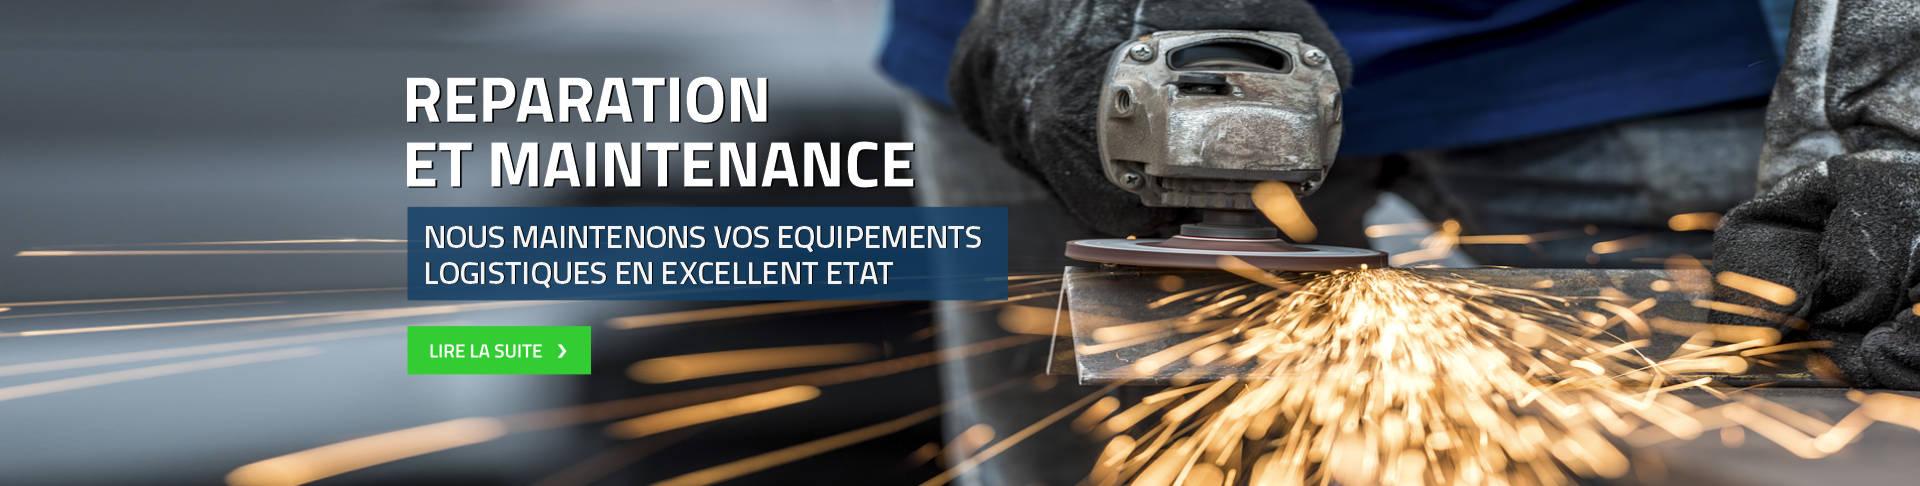 Reparation et maintenance nous maintenons vos equipements logistiques en excellent etat